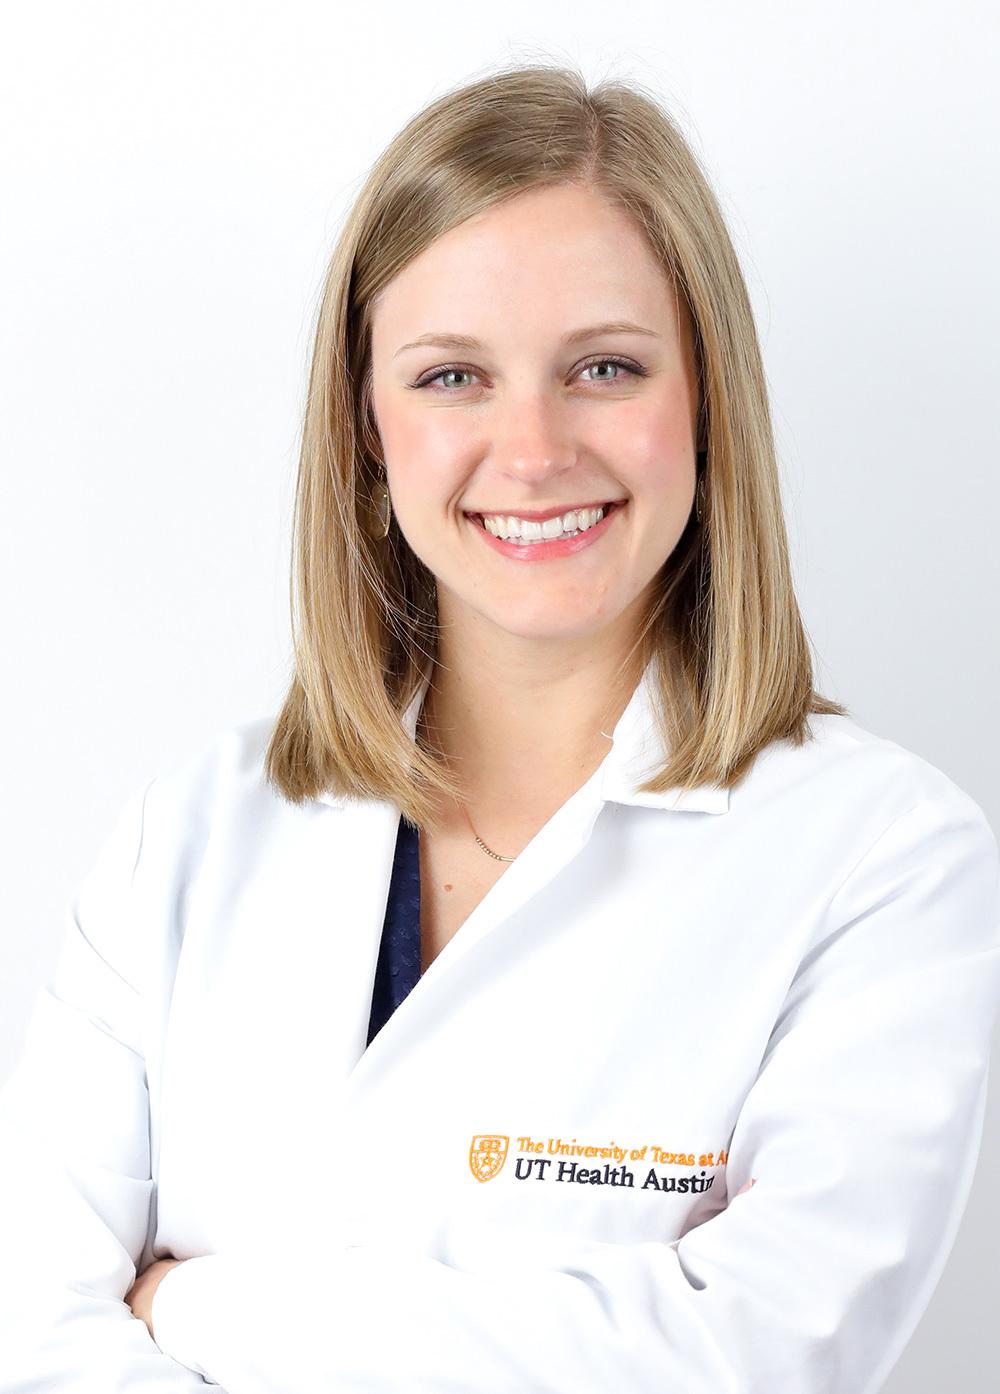 Emmy Feeler at UT Health Austin